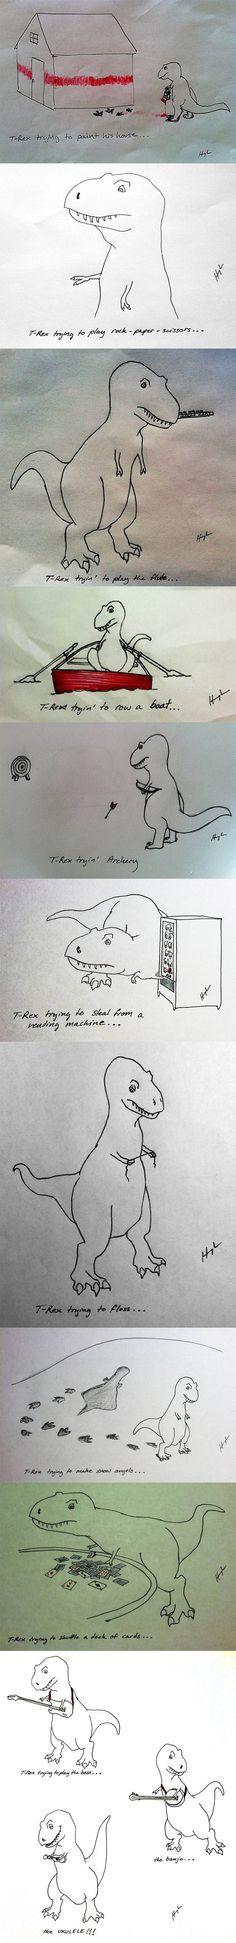 T-rex qui essaye des choses